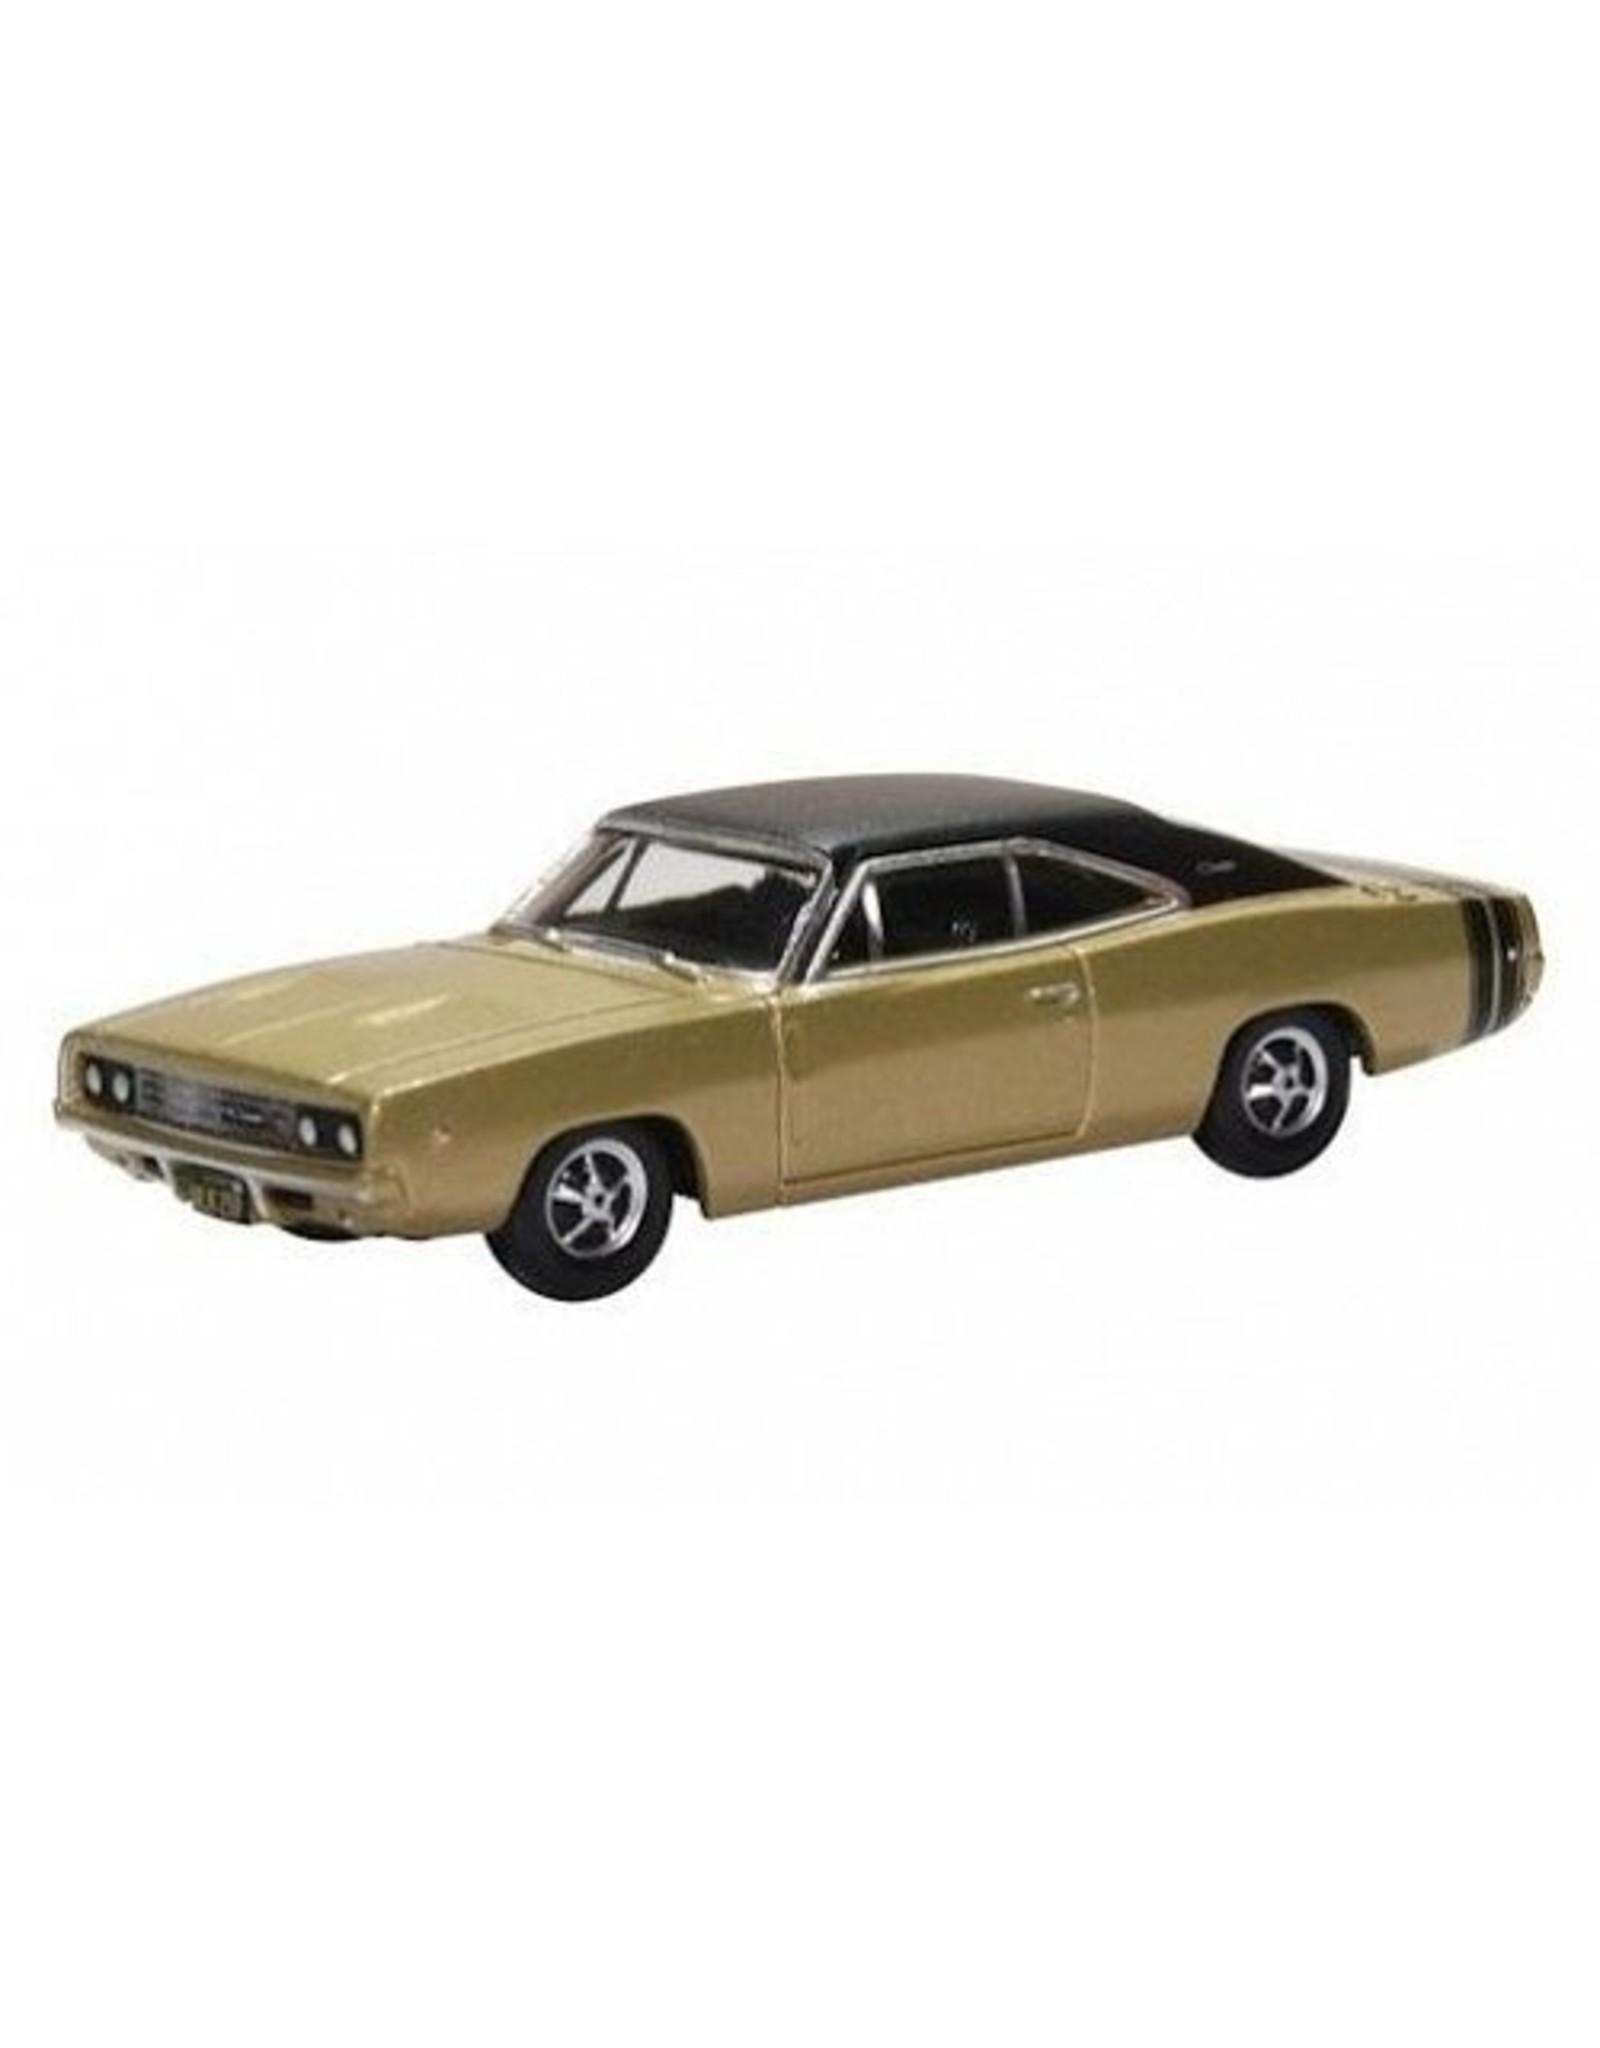 Dodge(Chrysler) DODGE CHARGER 1968(gold/matt black)